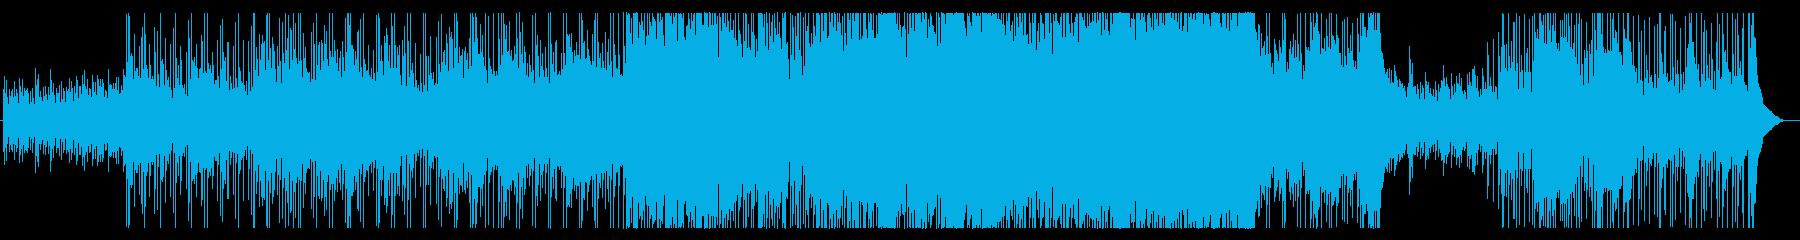 鎮魂曲 物悲しい曲調のロックバラードの再生済みの波形